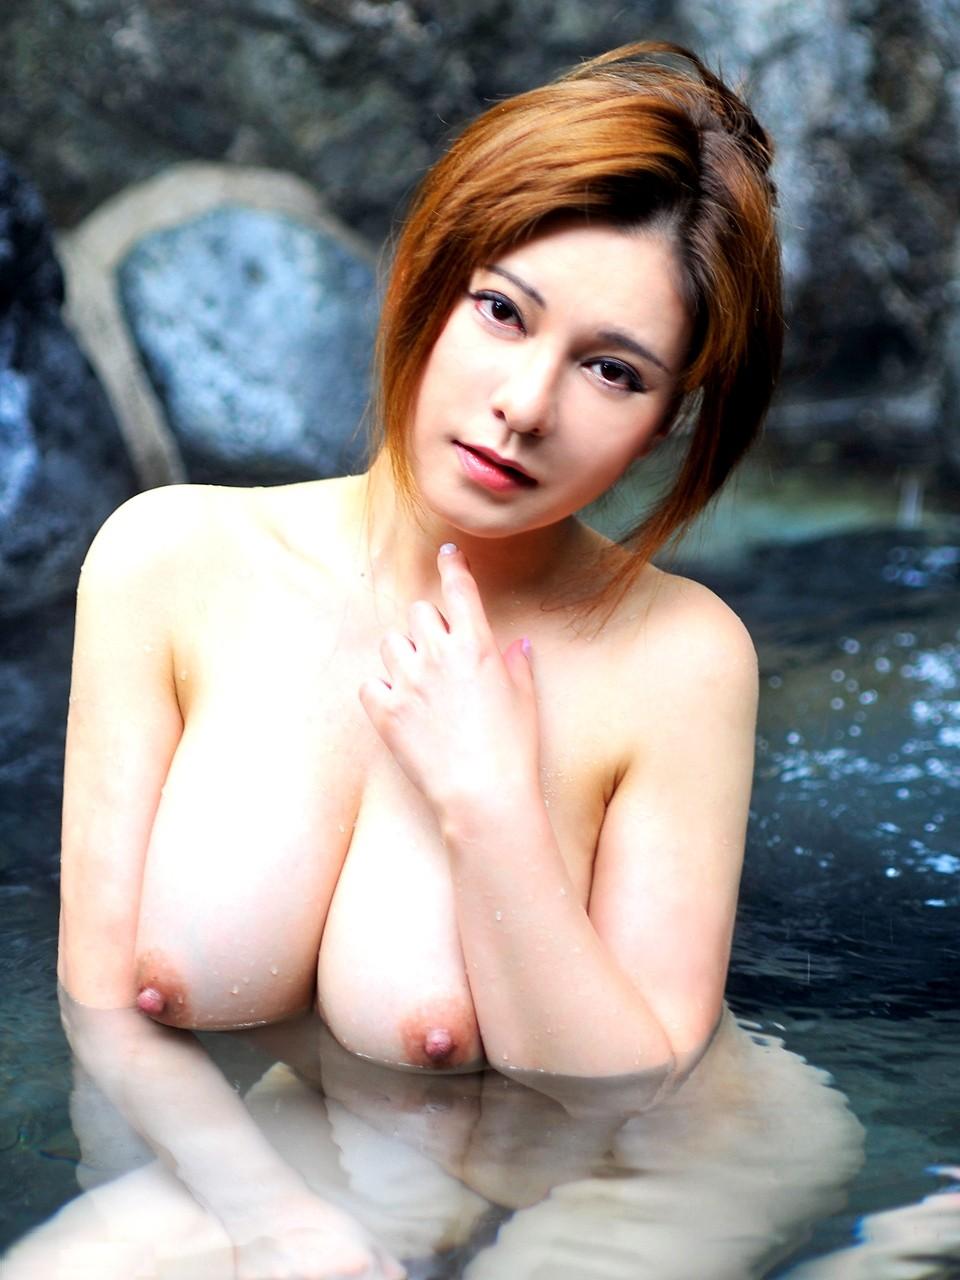 【入浴女体エロ画像】お湯の浮力に揉まれてますw浮かんで大きく見える湯船の巨乳www 20